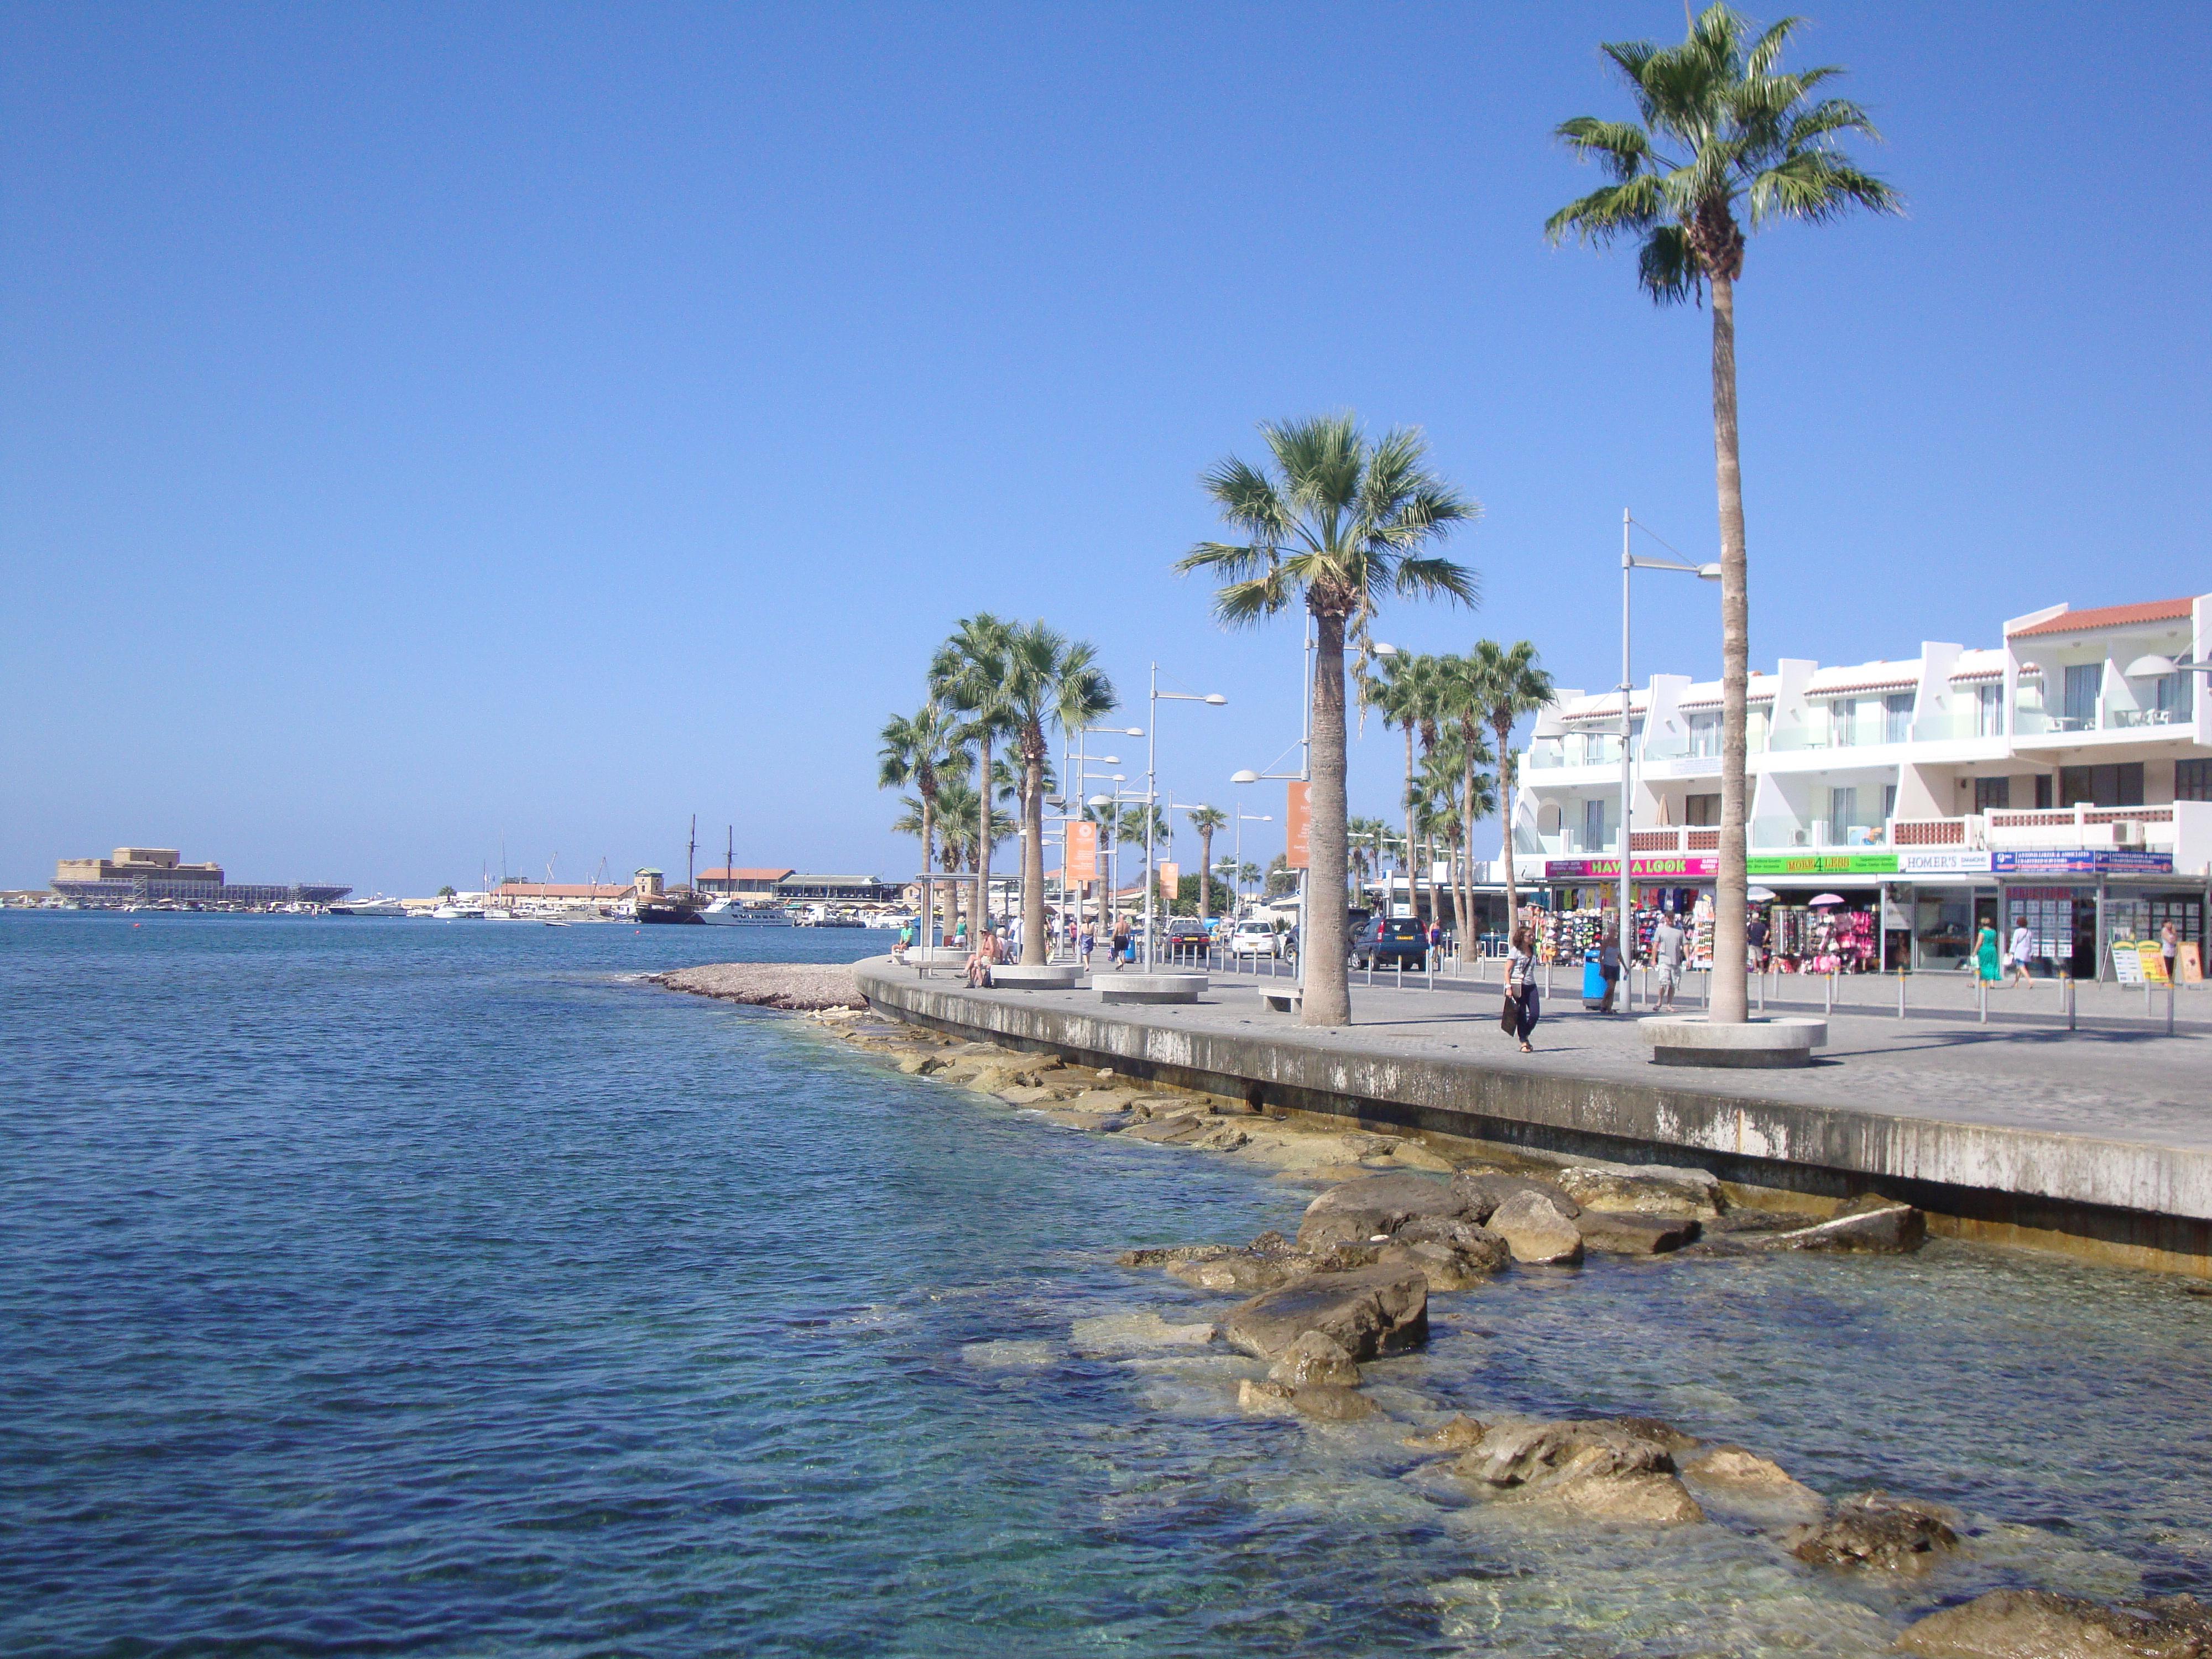 Пафос, Кипр — путеводитель, где остановиться и многое другое на